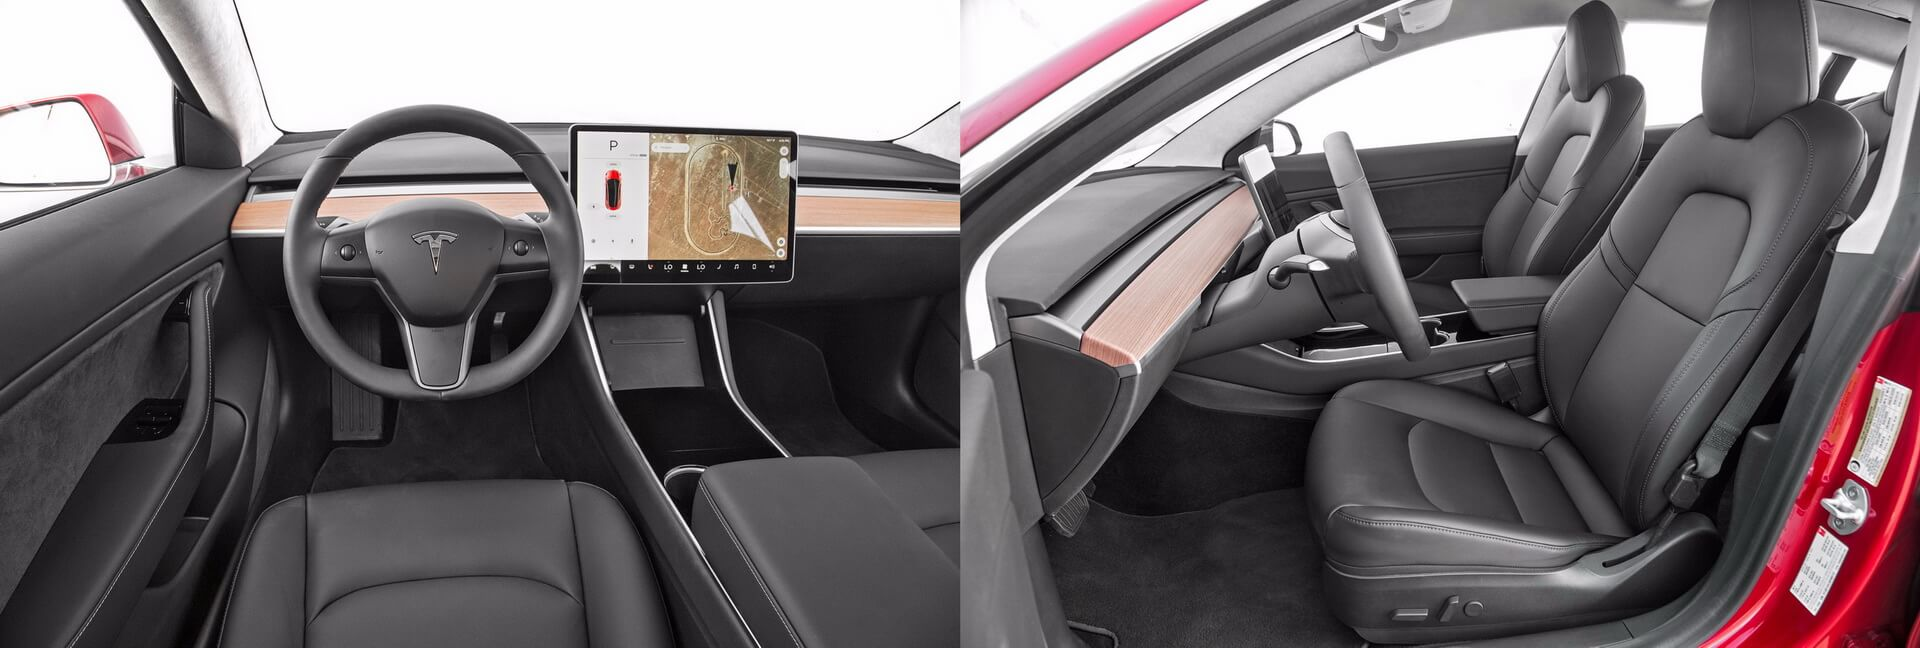 Приборная панель и передние сиденья в Tesla Model 3